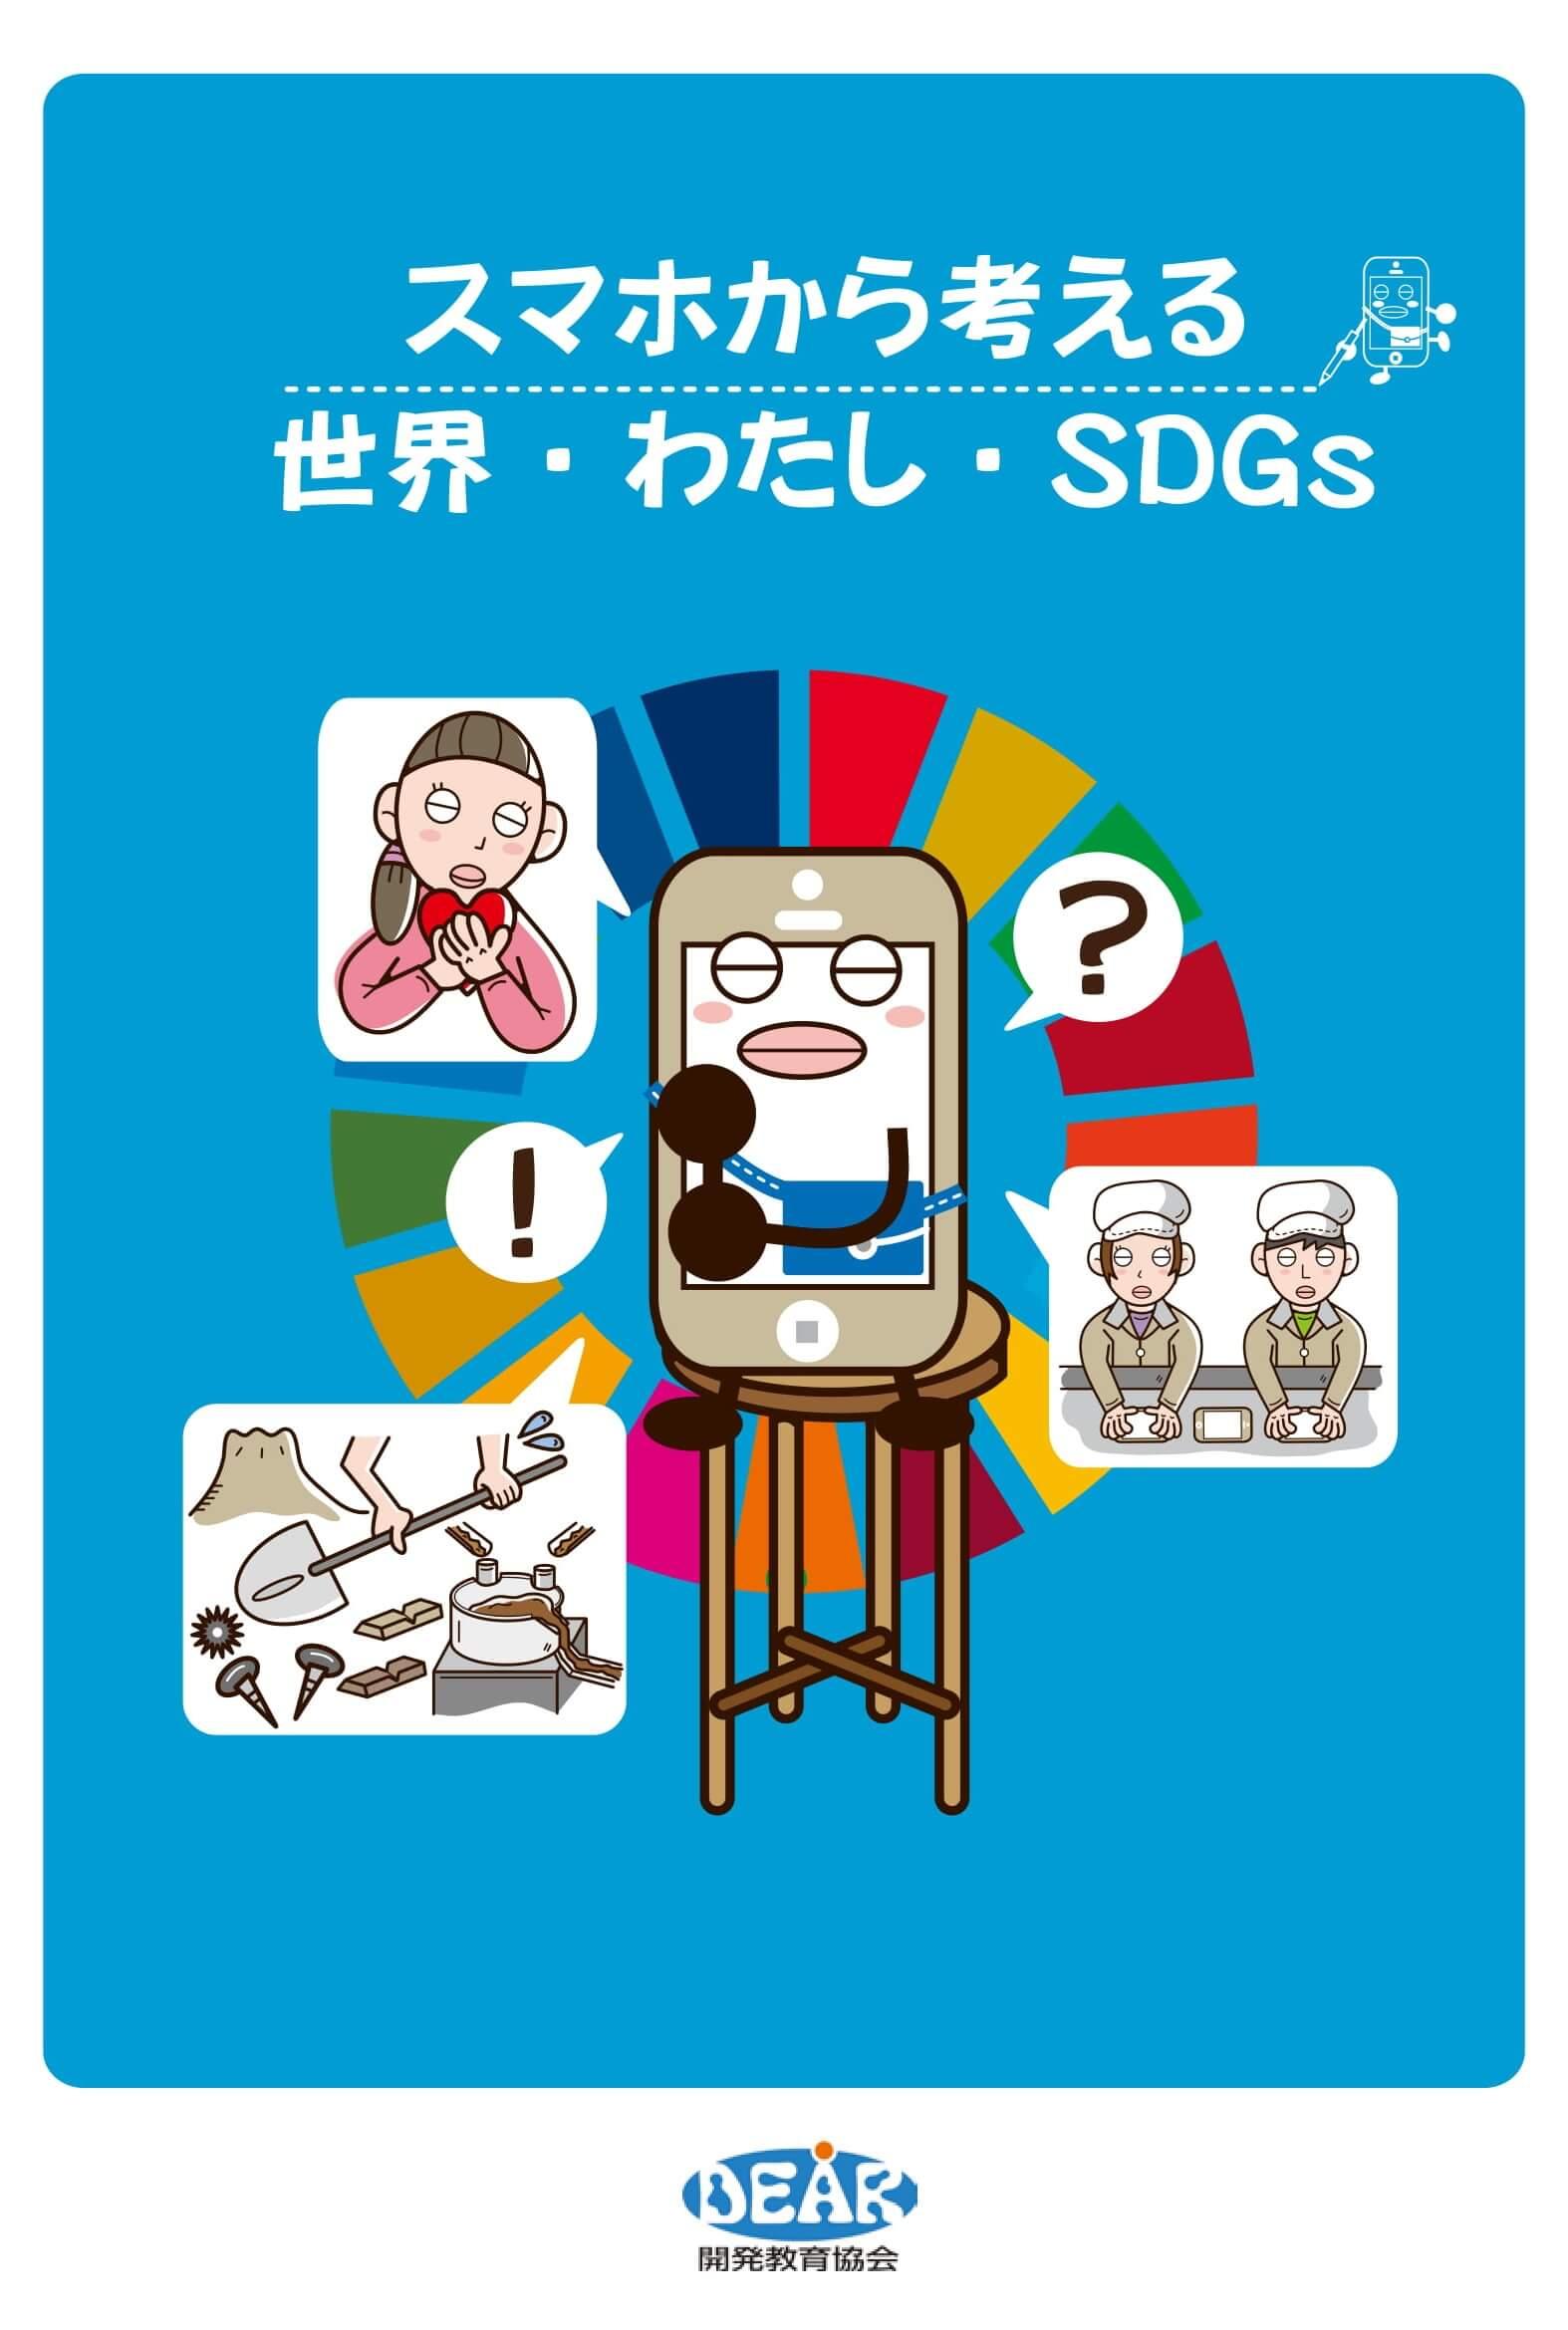 スマホから考える世界・わたし・SDGs